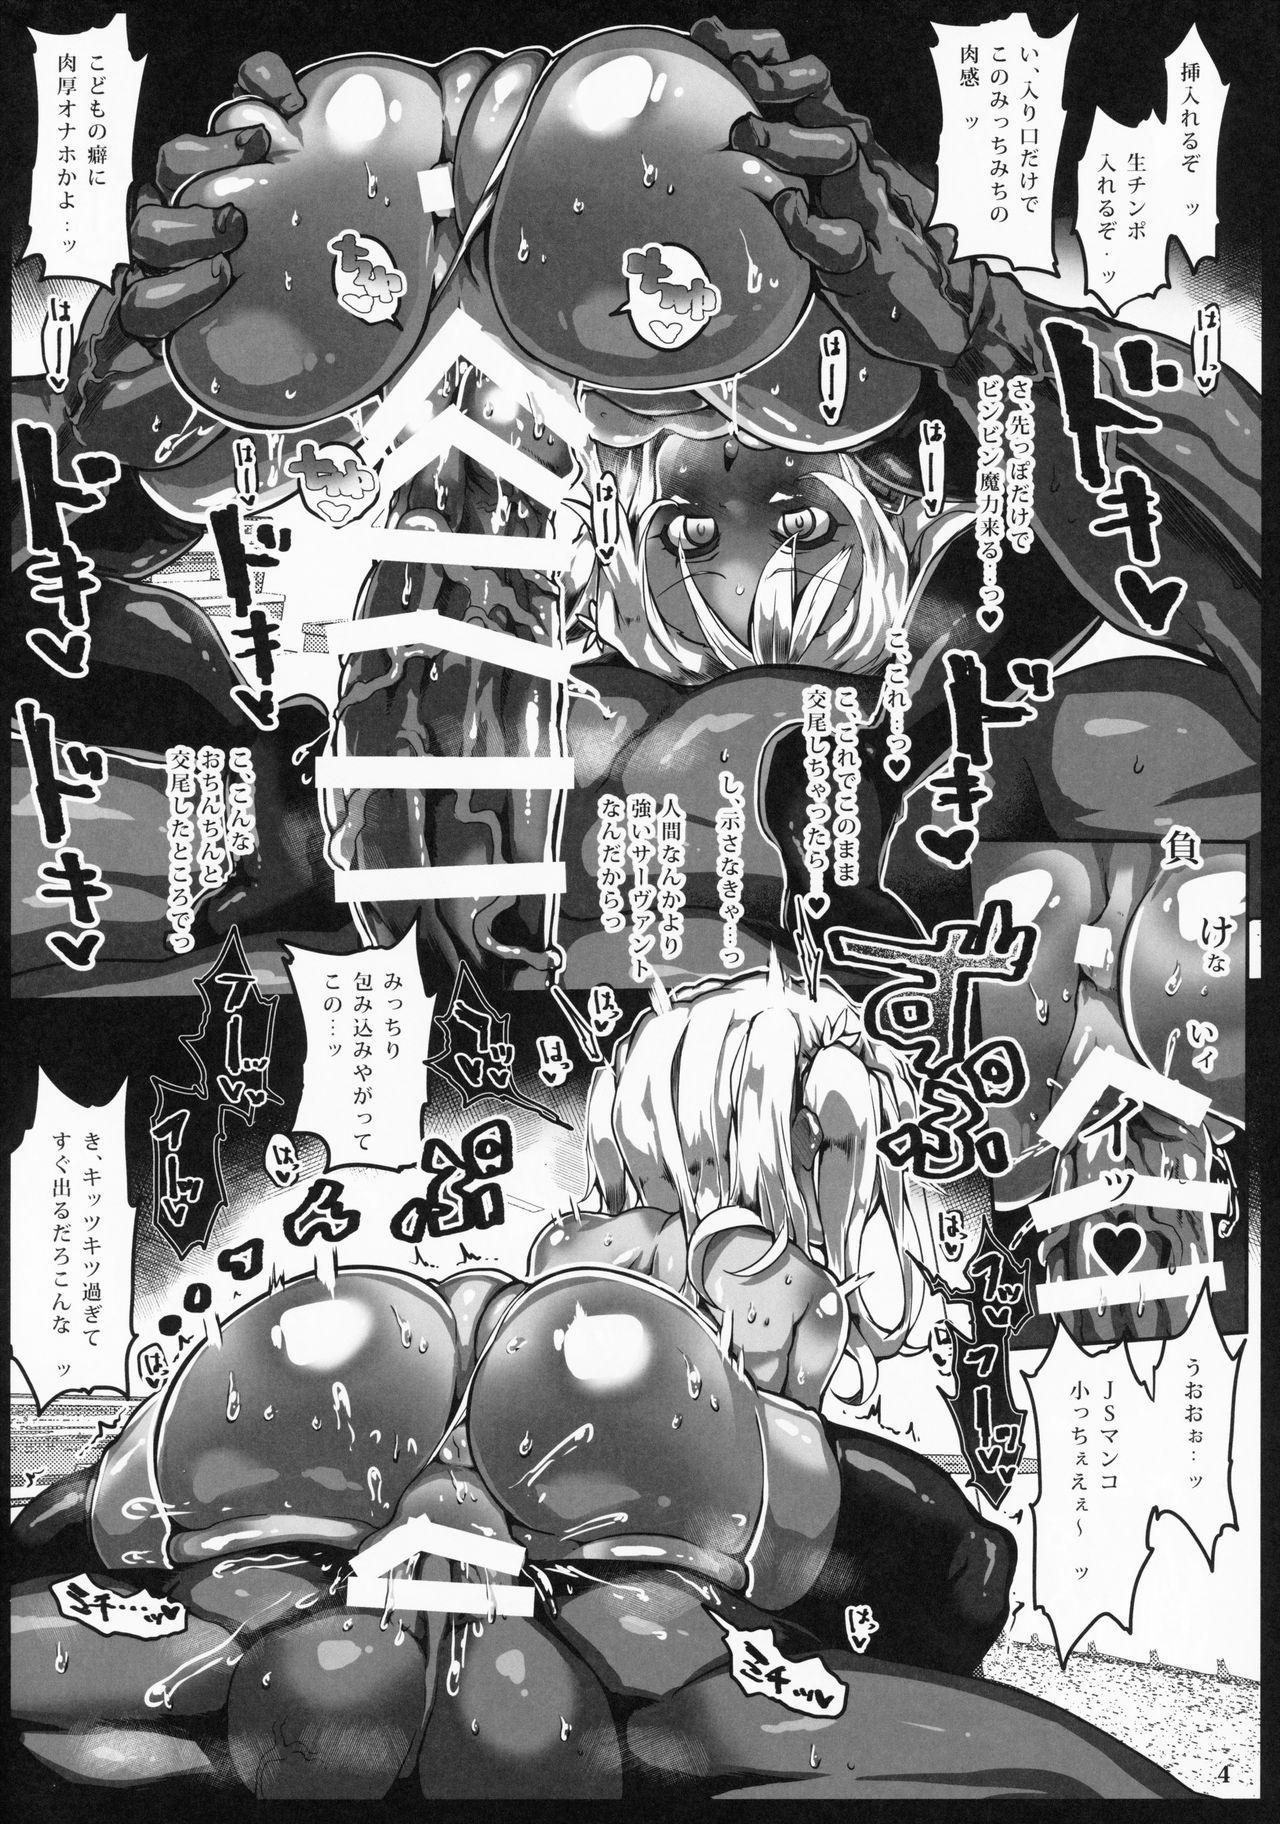 24-jikan Zu~tto Sudden Death de Risei o Girigiri Tamochinagara Otona Kaomake no Egui Sex 4